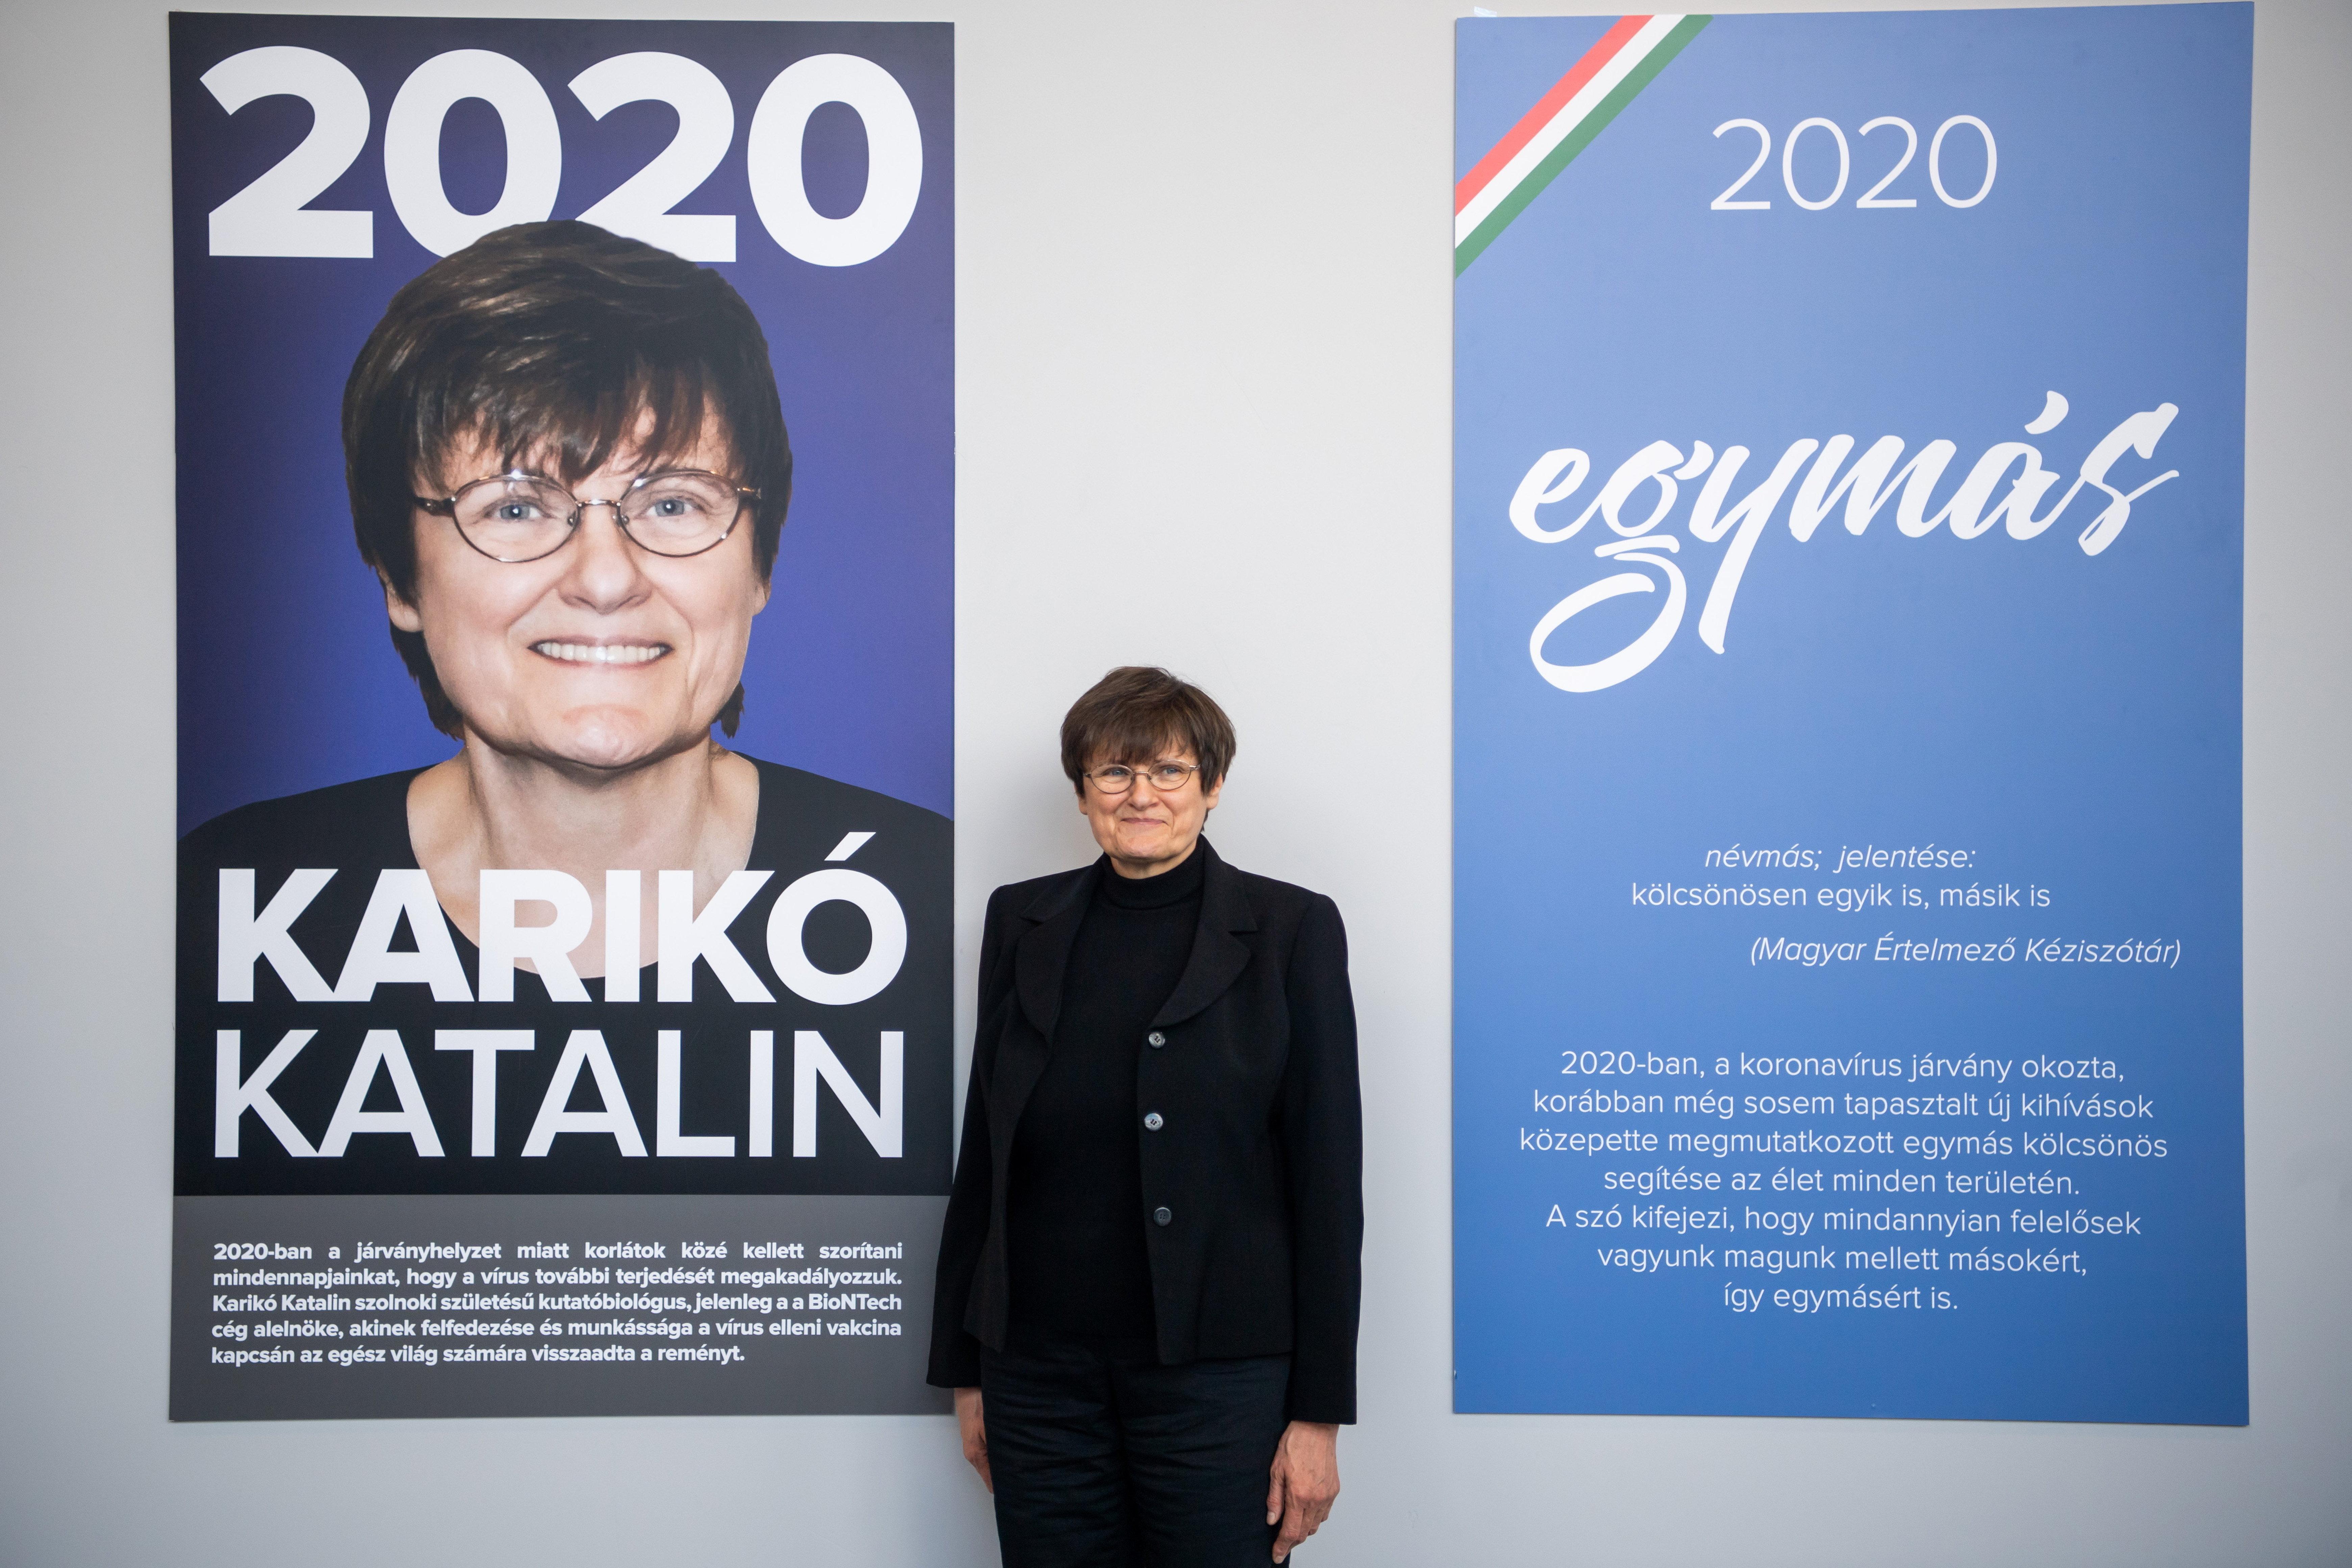 Fenyegetéssel szervezték be, és semmilyen írásos jelentést nem adott - mondja Karikó Katalin